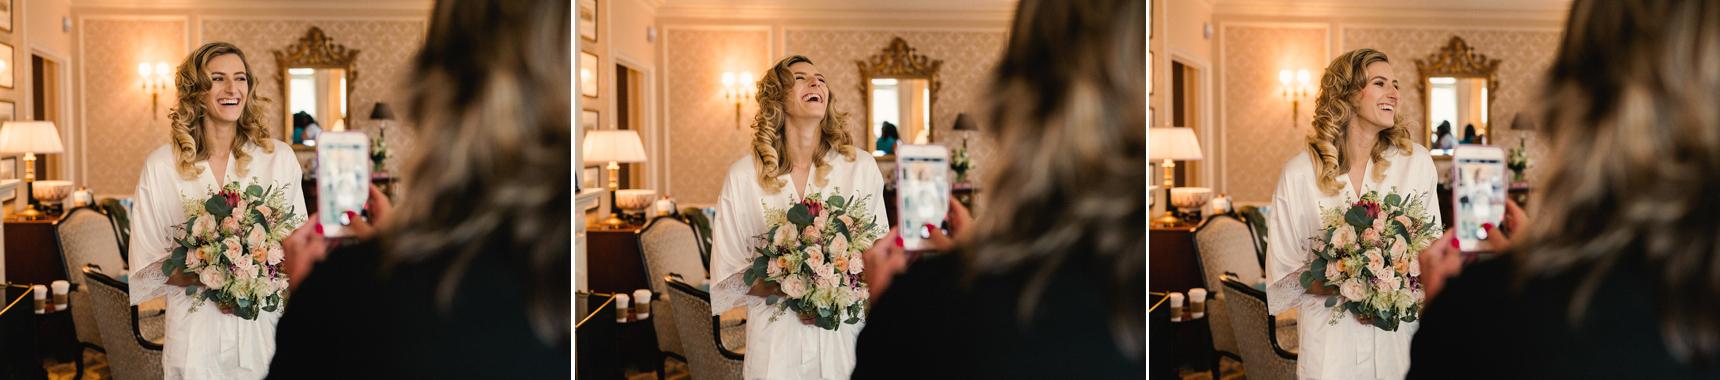 Jory_LoebBoathouse_CentralPark_NewYork_WeddingPhotographer011.jpg